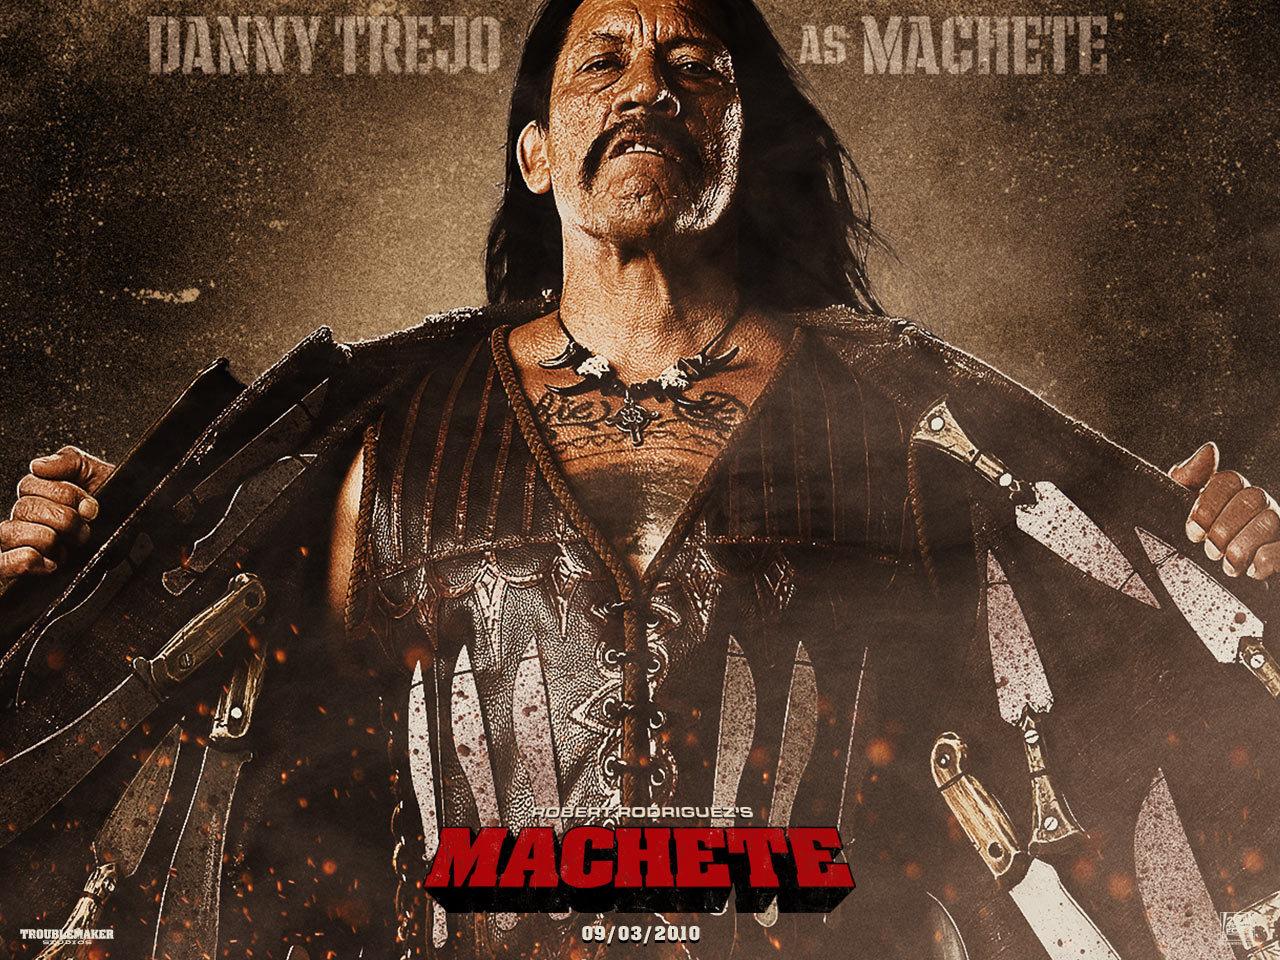 http://4.bp.blogspot.com/_E0mN0_XPx7E/TU_DIAAKbNI/AAAAAAAAAGs/zTMNL1C8Wf8/s1600/Machete-Wallpaper-machete-14695558-1280-960.jpg